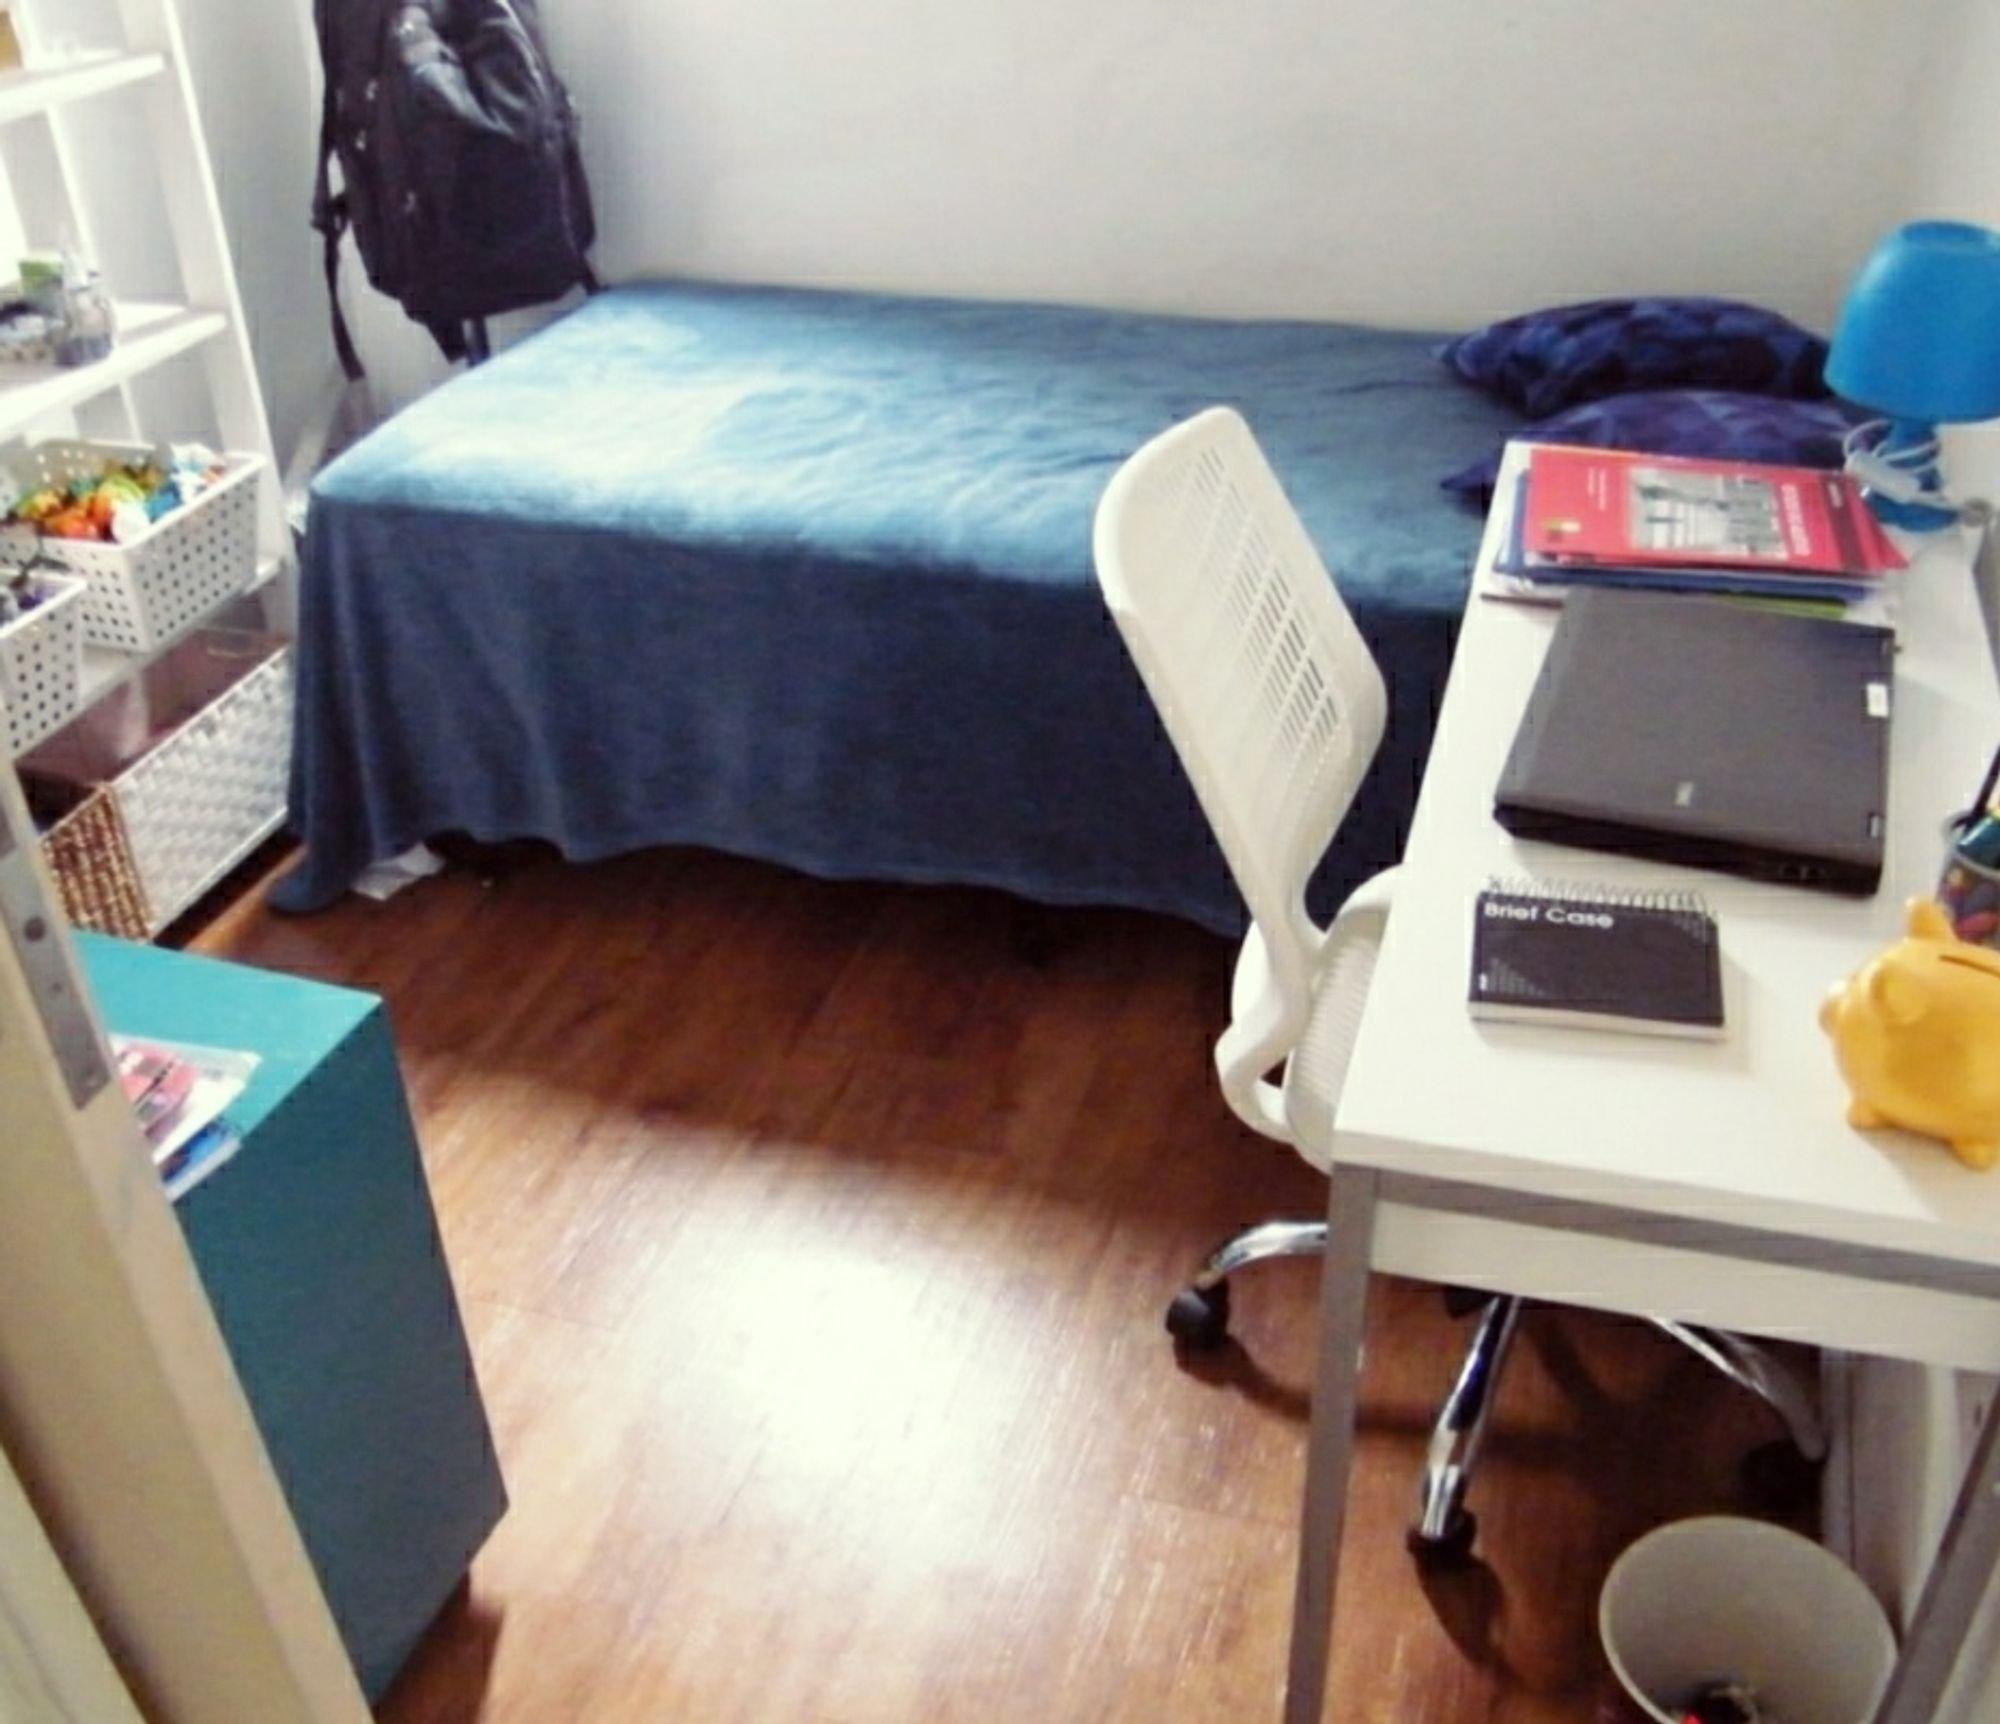 Foto de Quarto com cama, computador portátil, mochila, mesa de jantar, livro